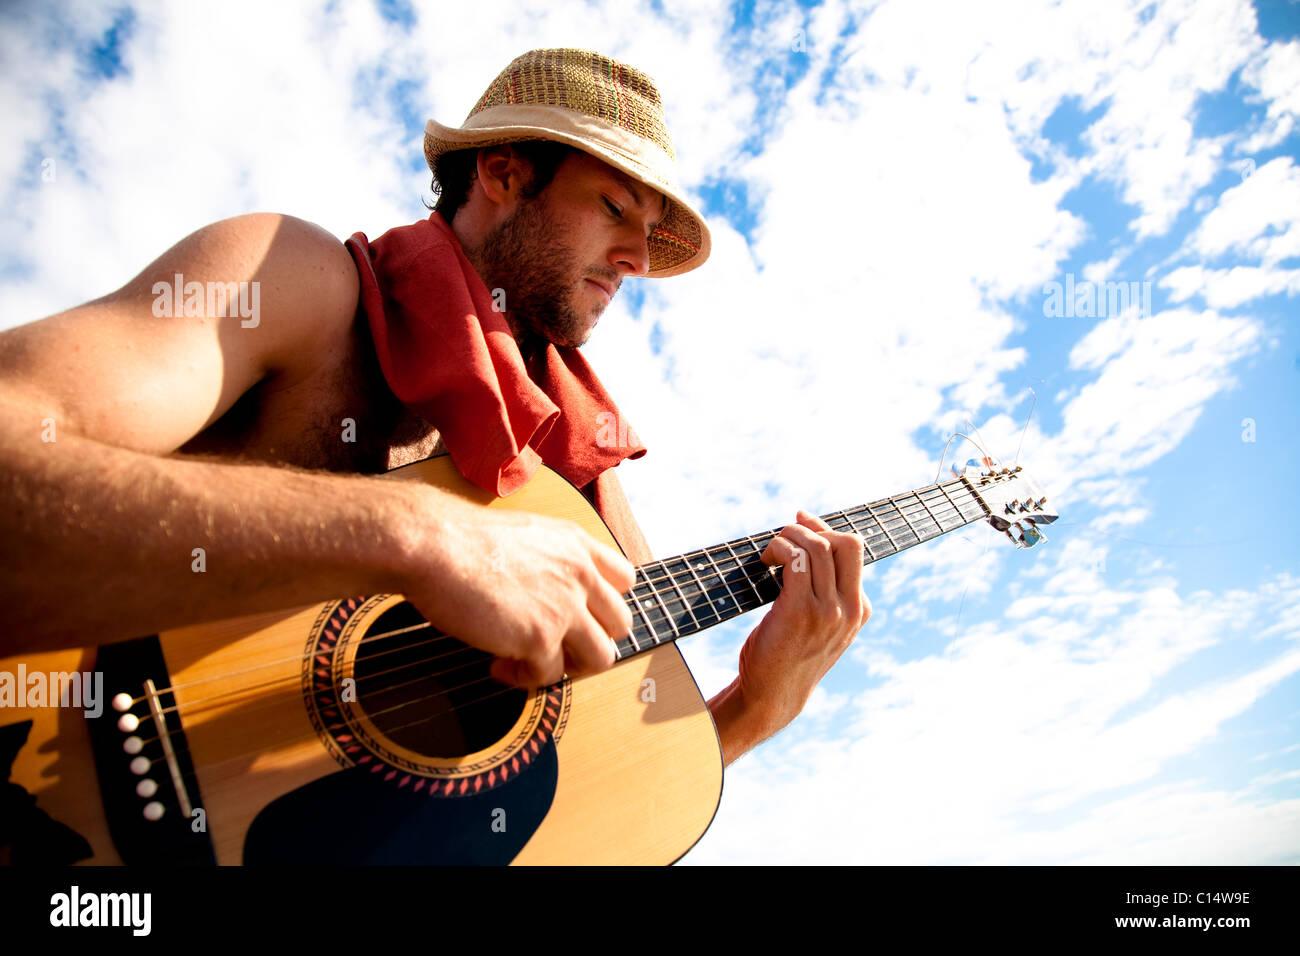 Un hombre joven desempeña su guitarra mientras en un barco de pesca frente a la costa de Malakati, Fiji. Imagen De Stock